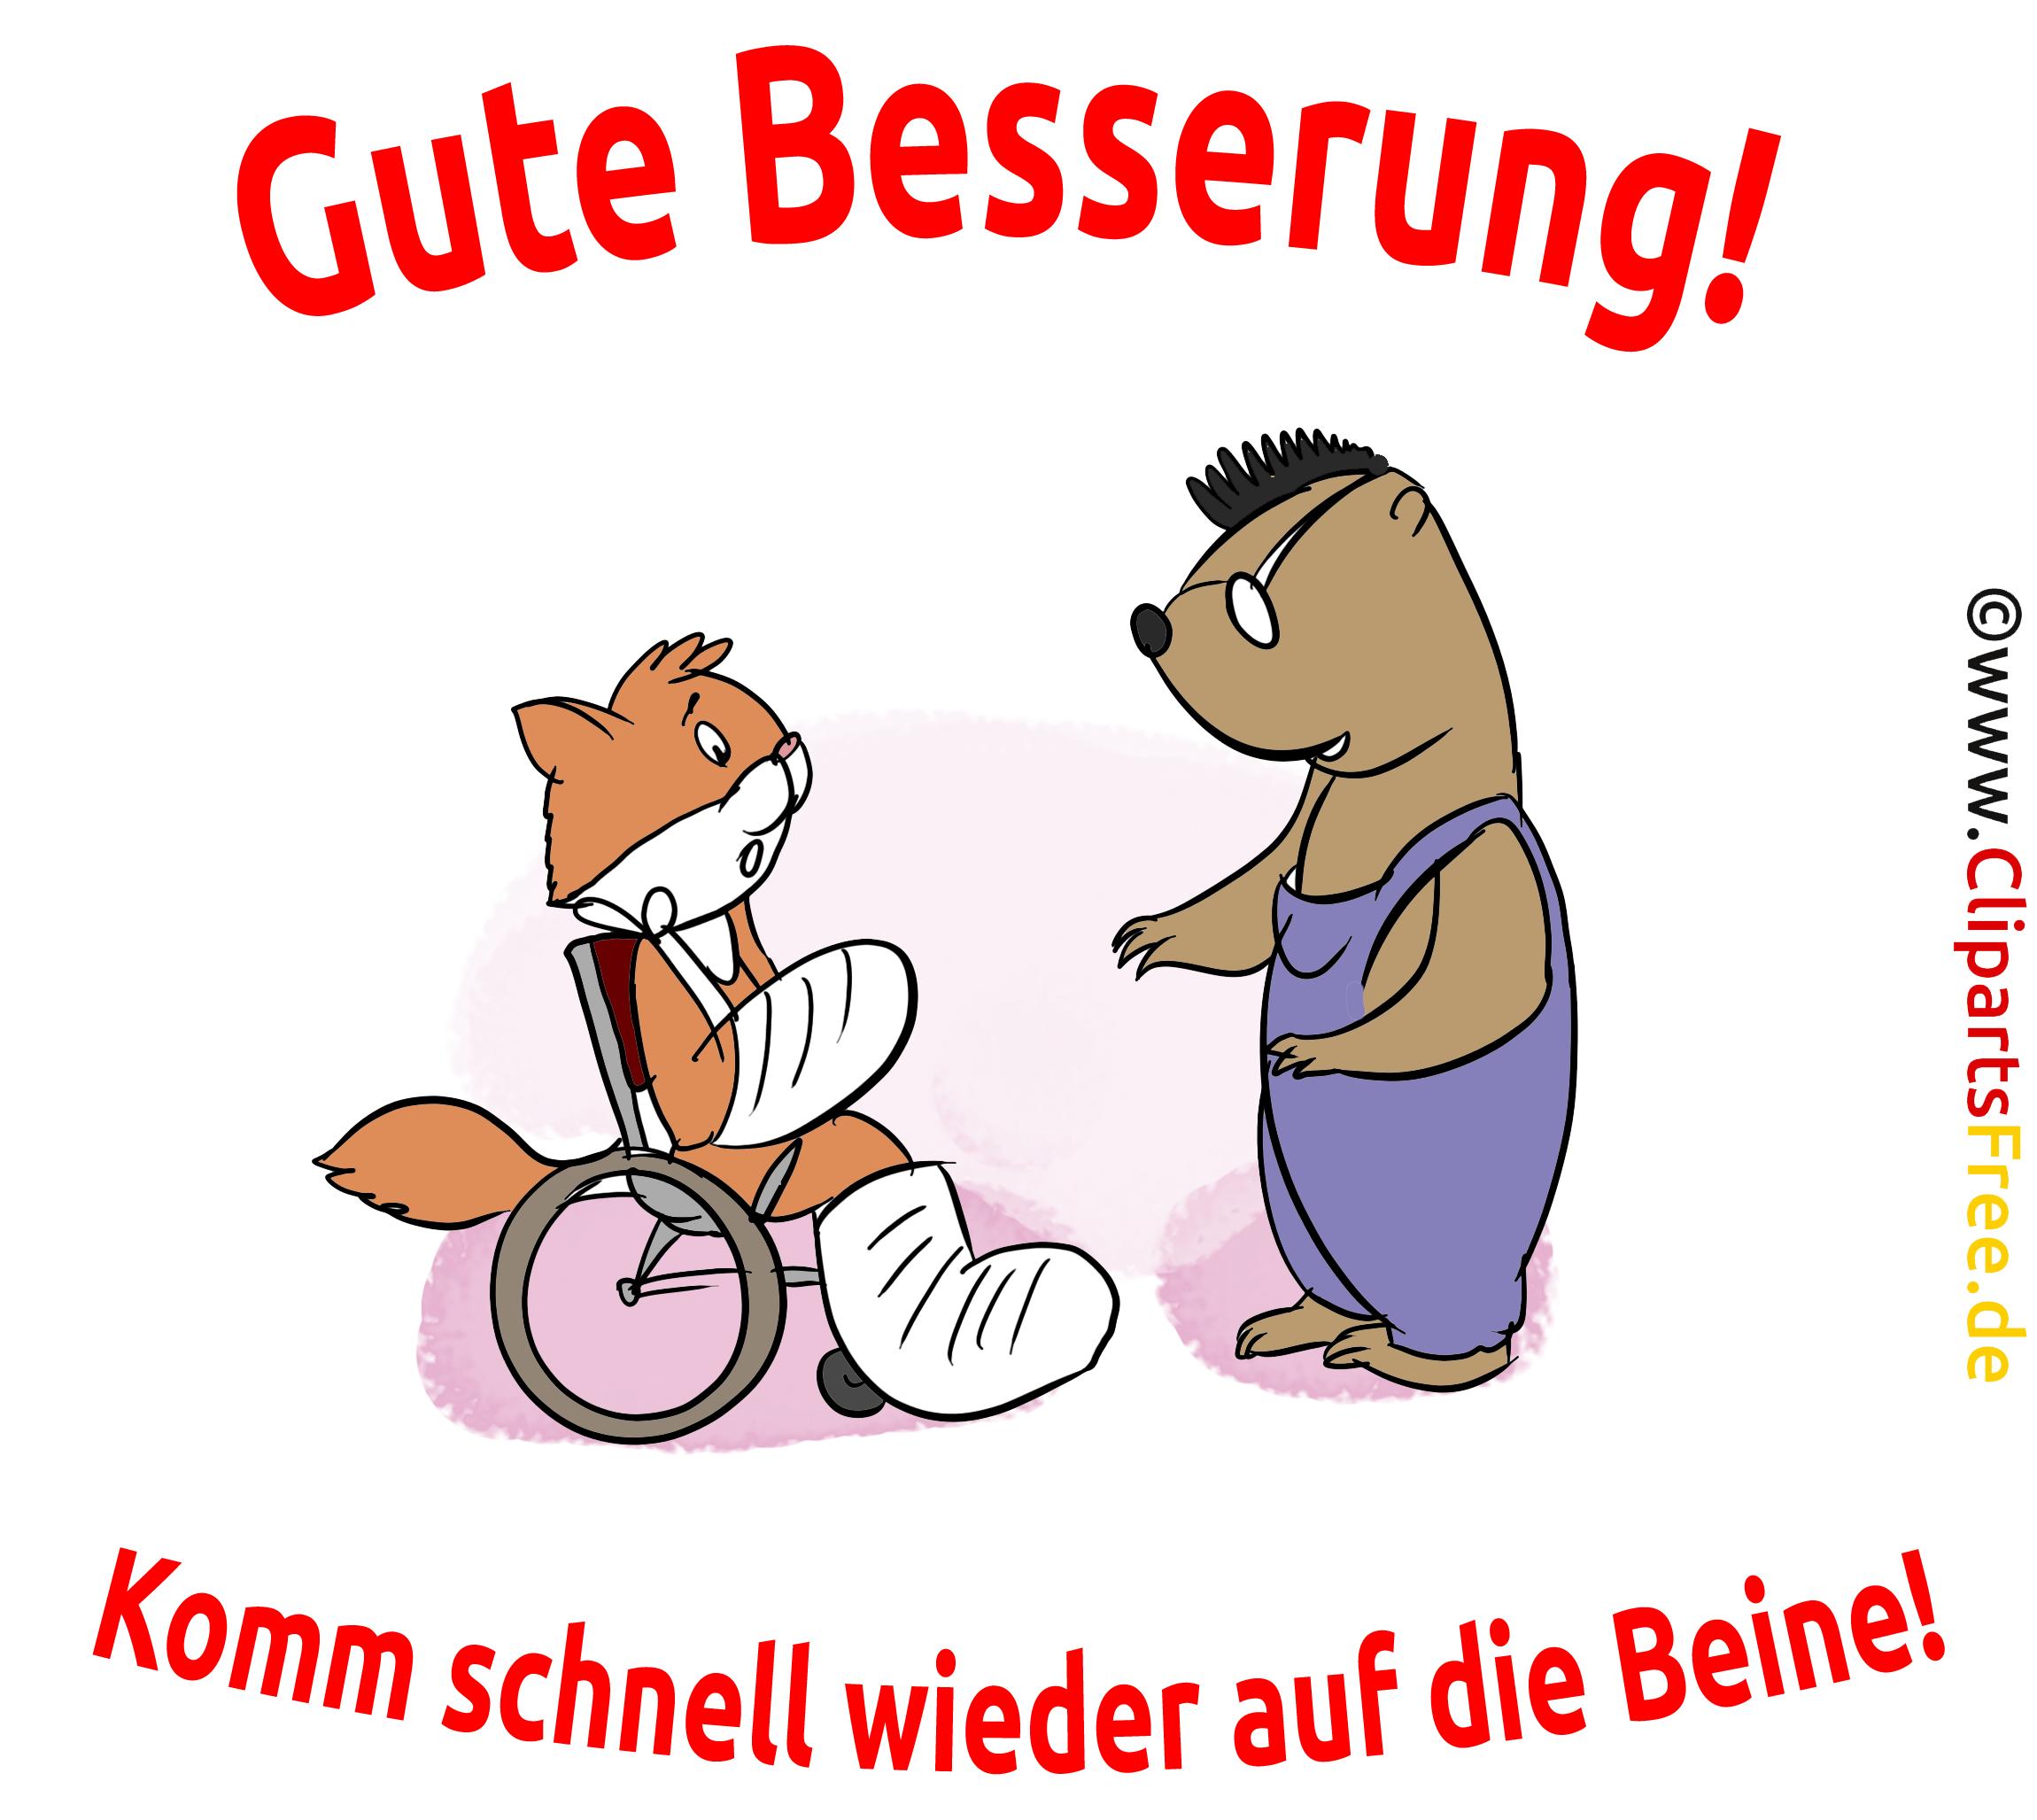 Clipart gute besserung vector freeuse download Gute Besserung Bilder, Cliparts, Cartoons, Grafiken ... vector freeuse download